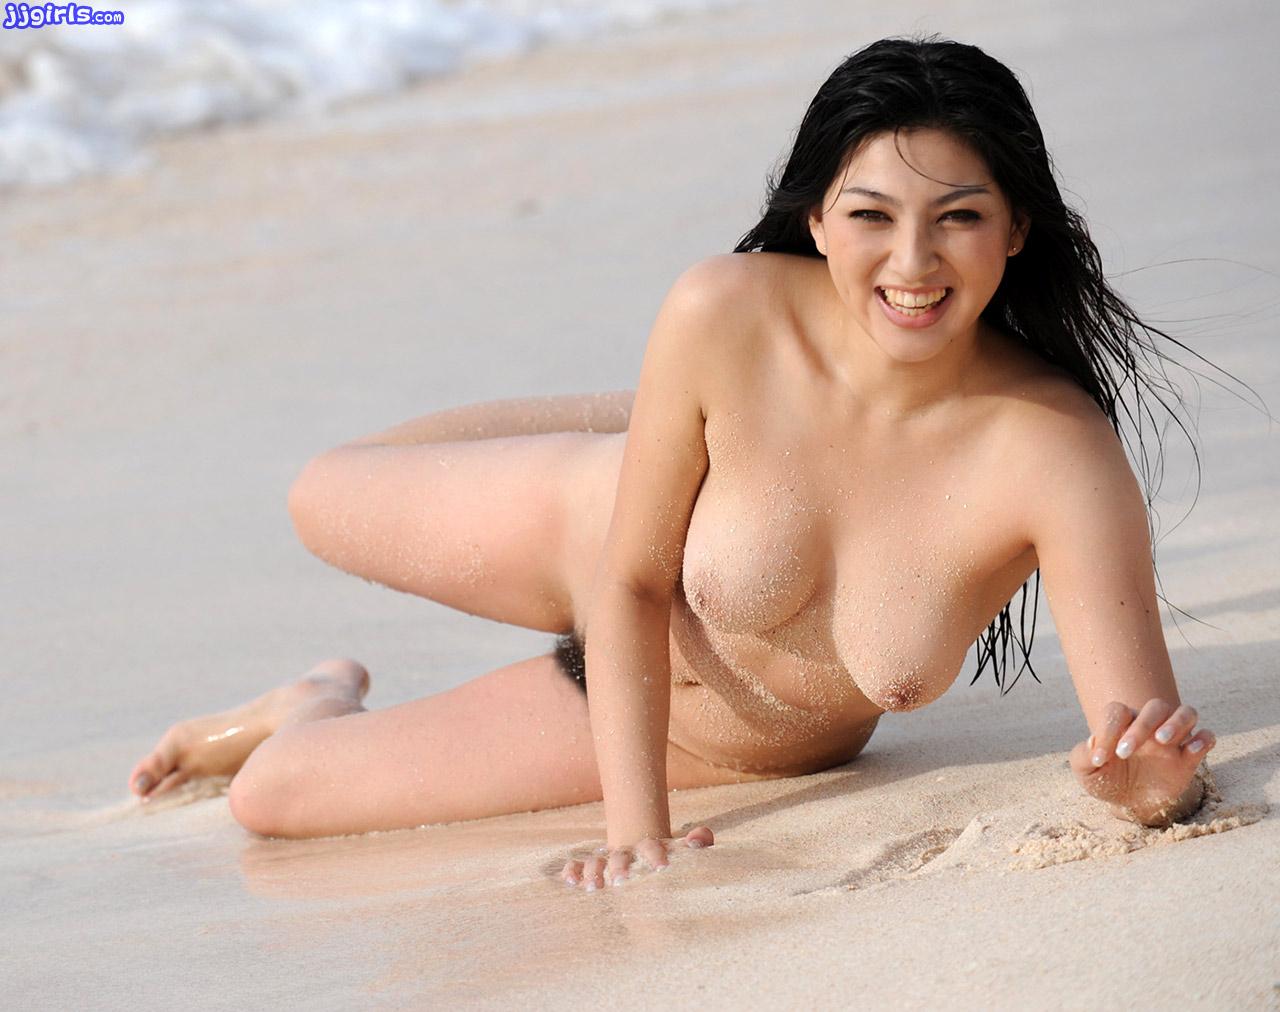 Саори хара порно видео